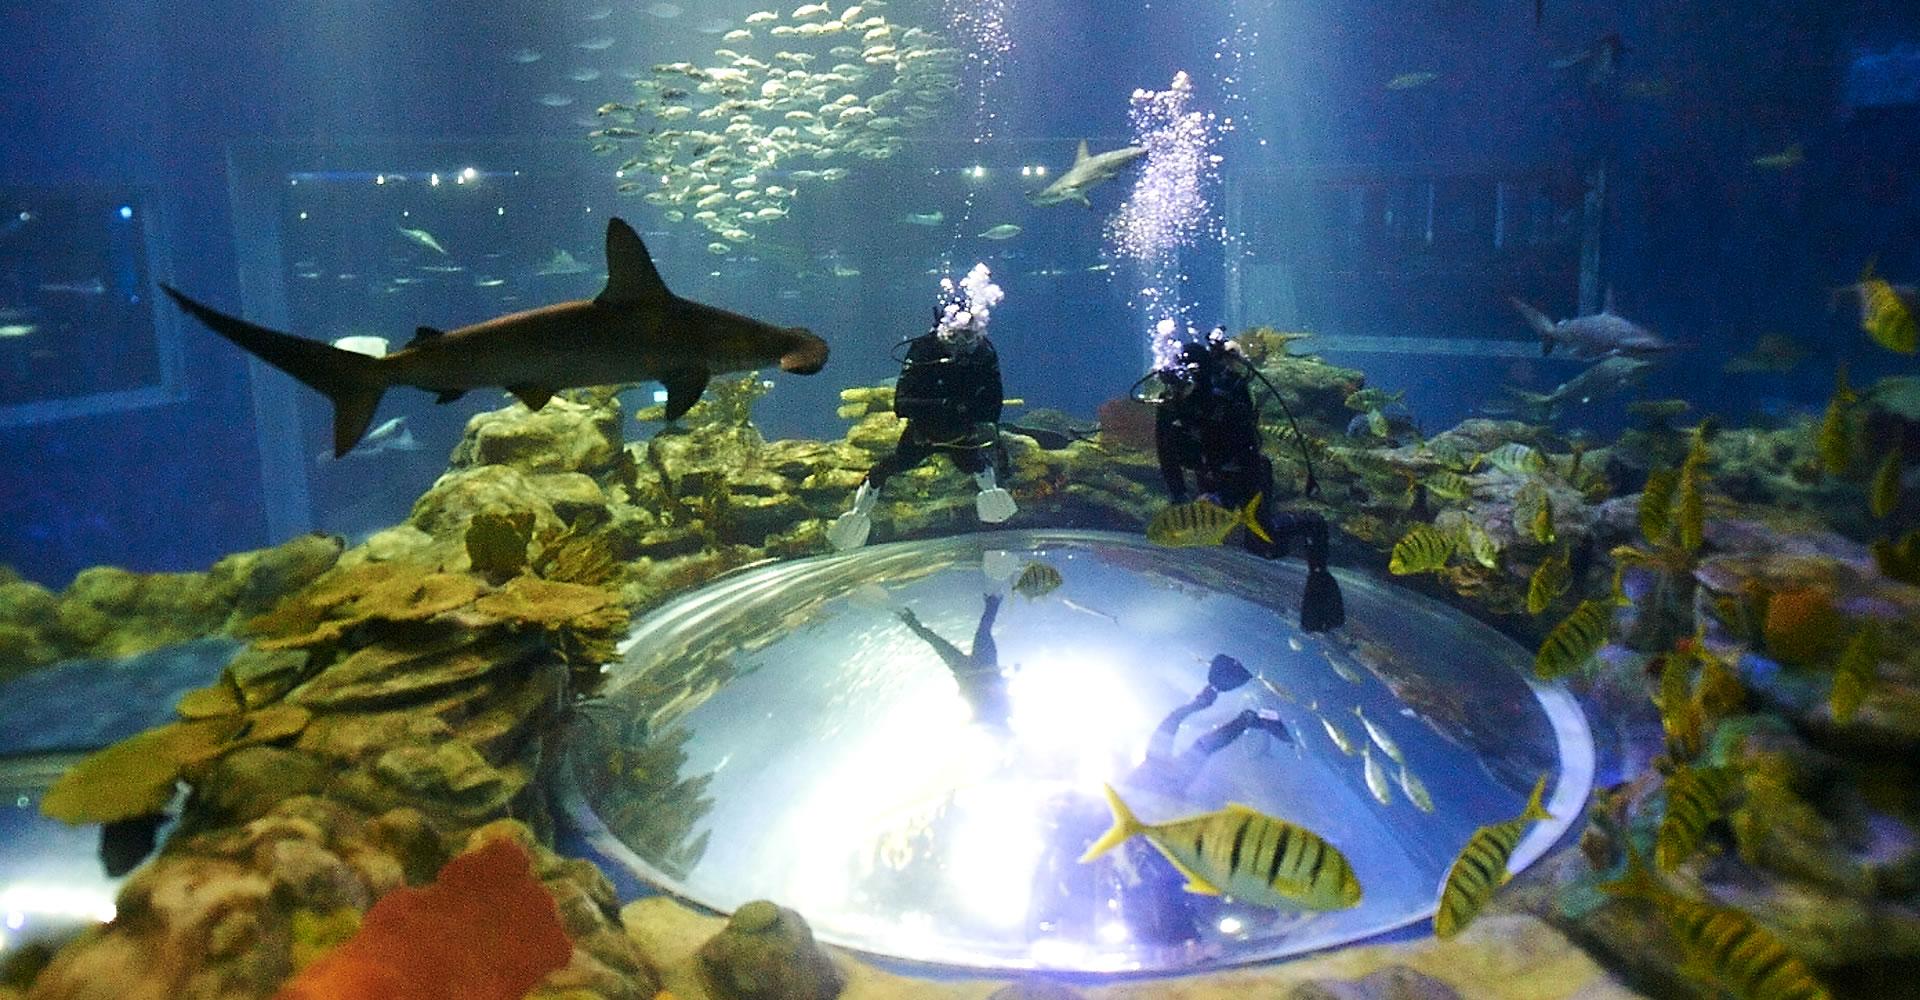 Grand aquarium scuba diving get closer to the animals for Achat grand aquarium